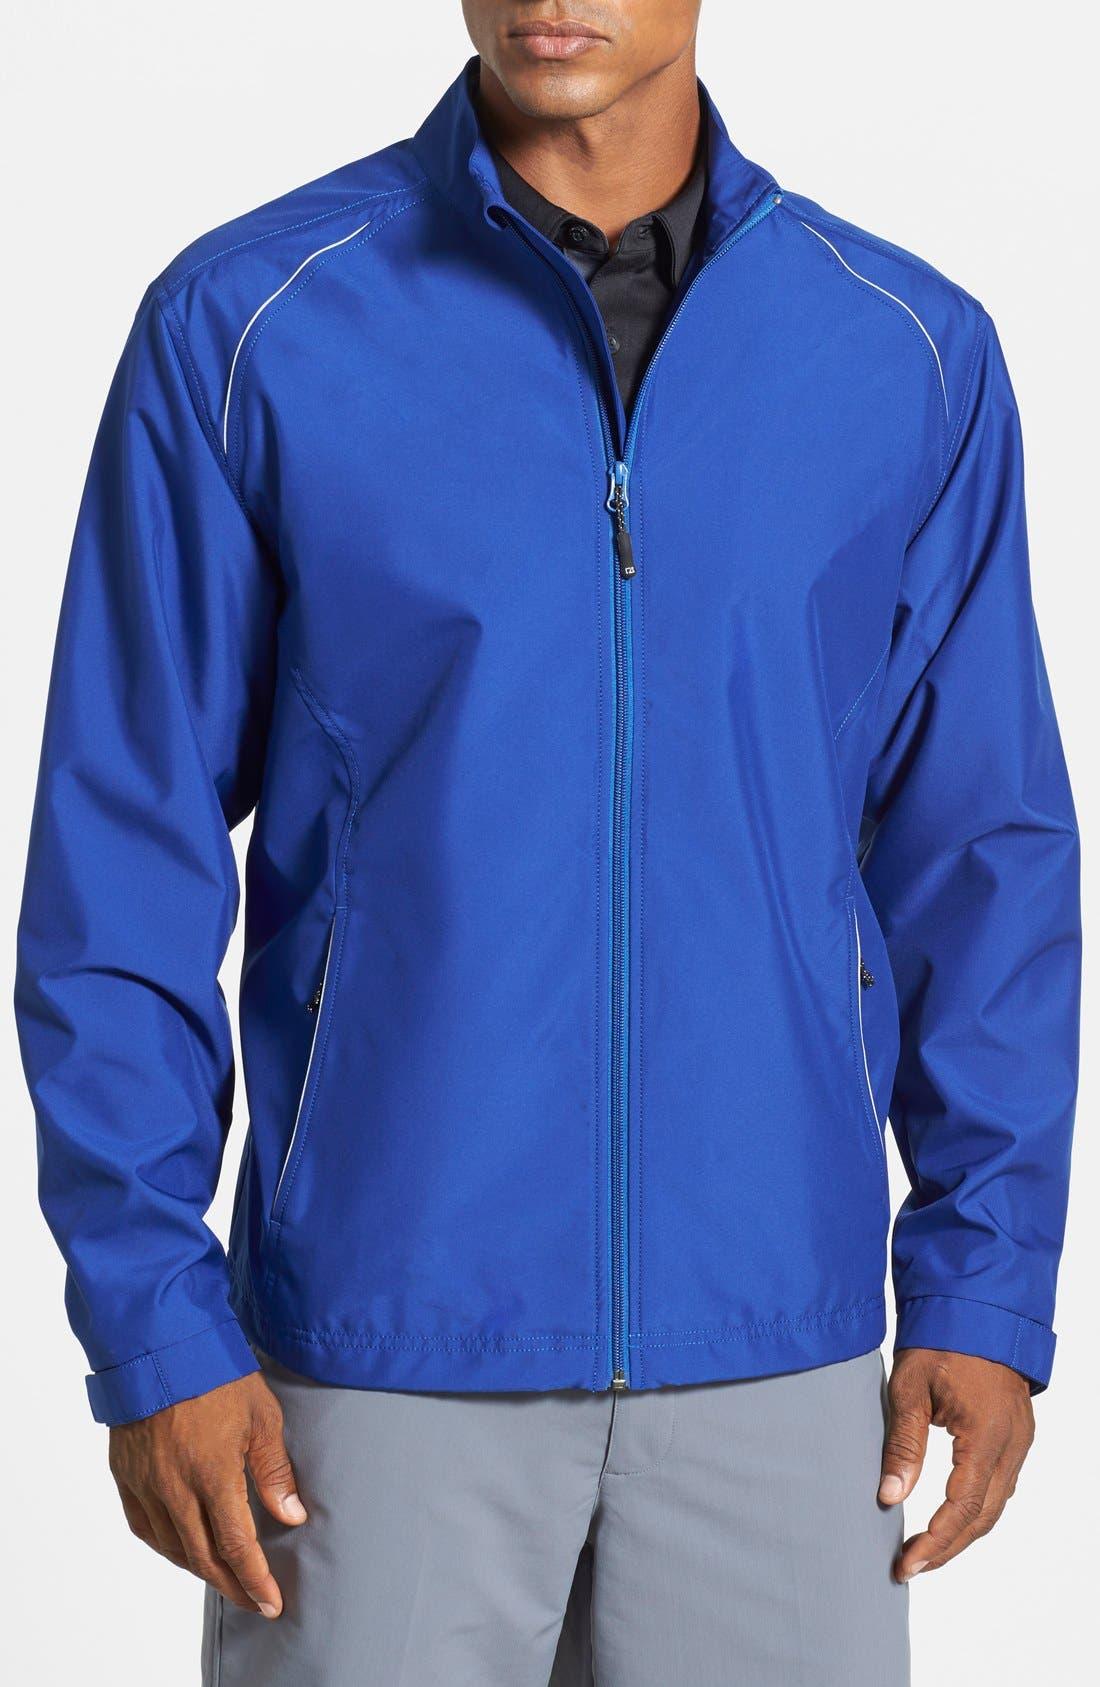 CUTTER & BUCK Beacon WeatherTec Wind & Water Resistant Jacket